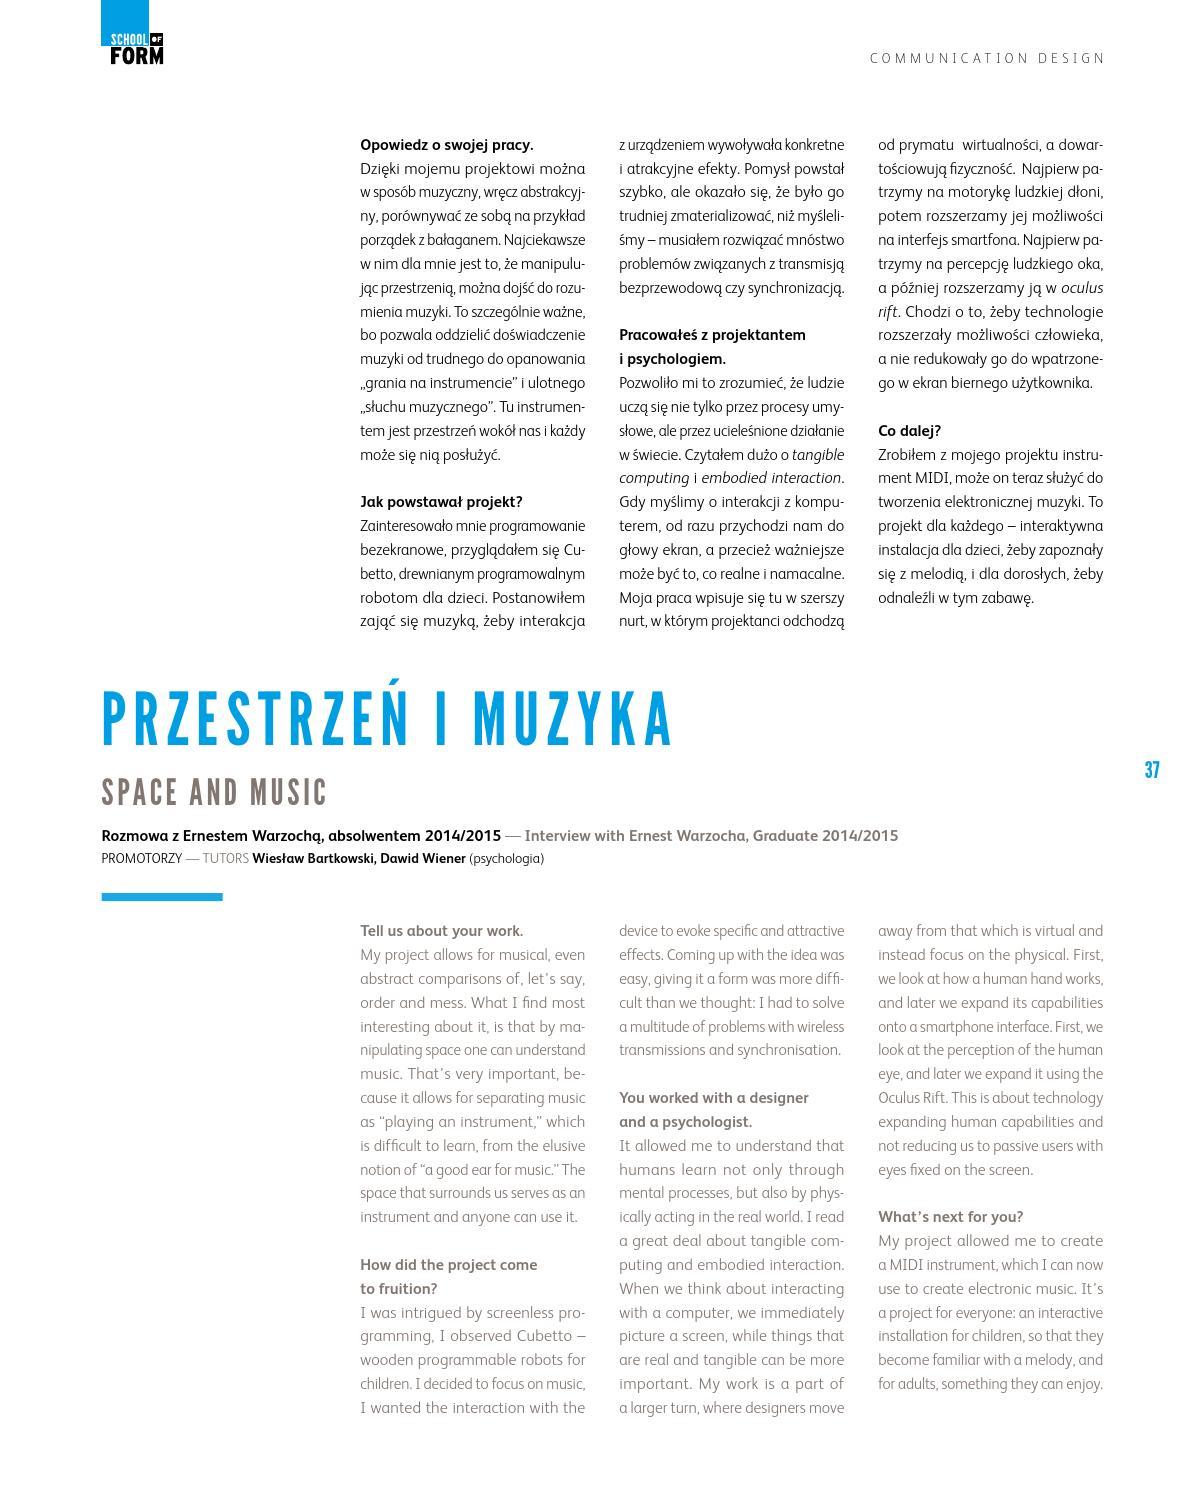 SCHOOL OF FORM GRADUATION 2 CATALOGUE by Monika Wietrzynska